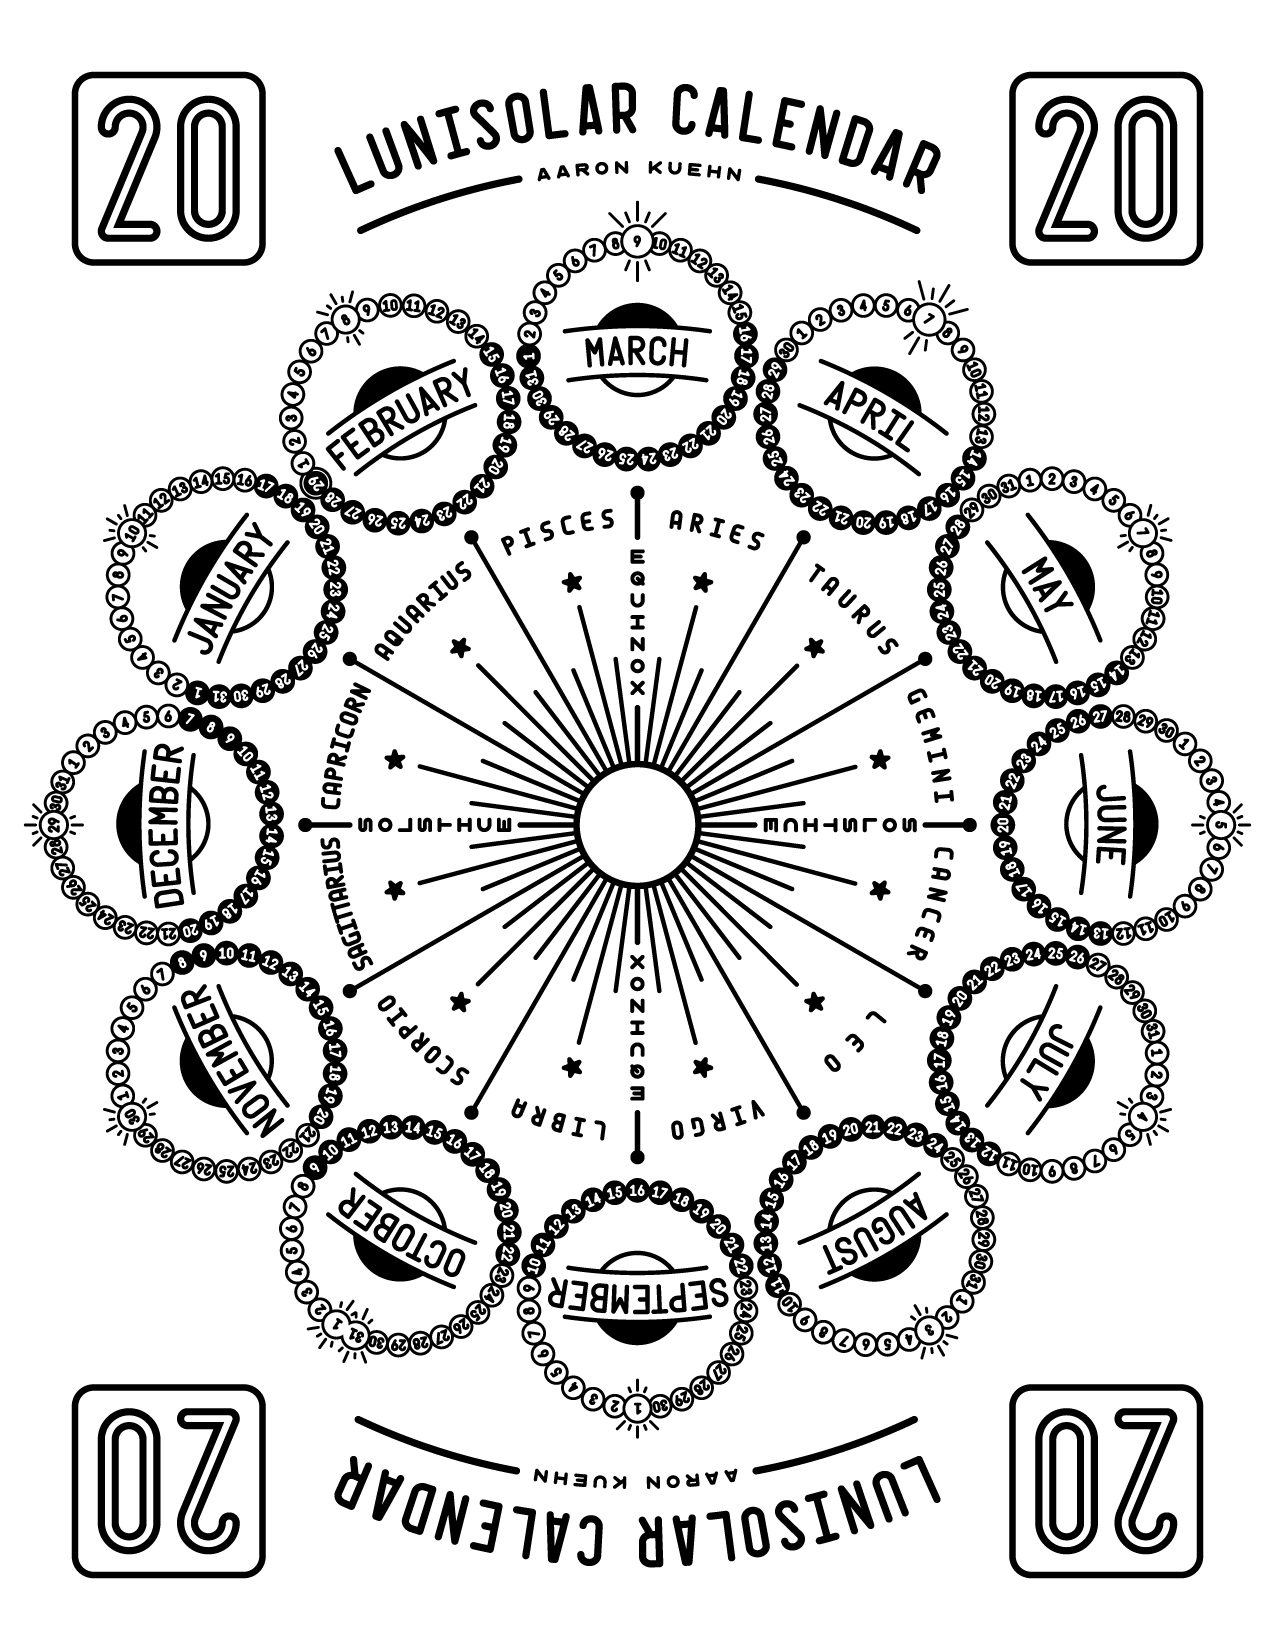 Aaron Kuehn | 2020 Lunisolar Calendar